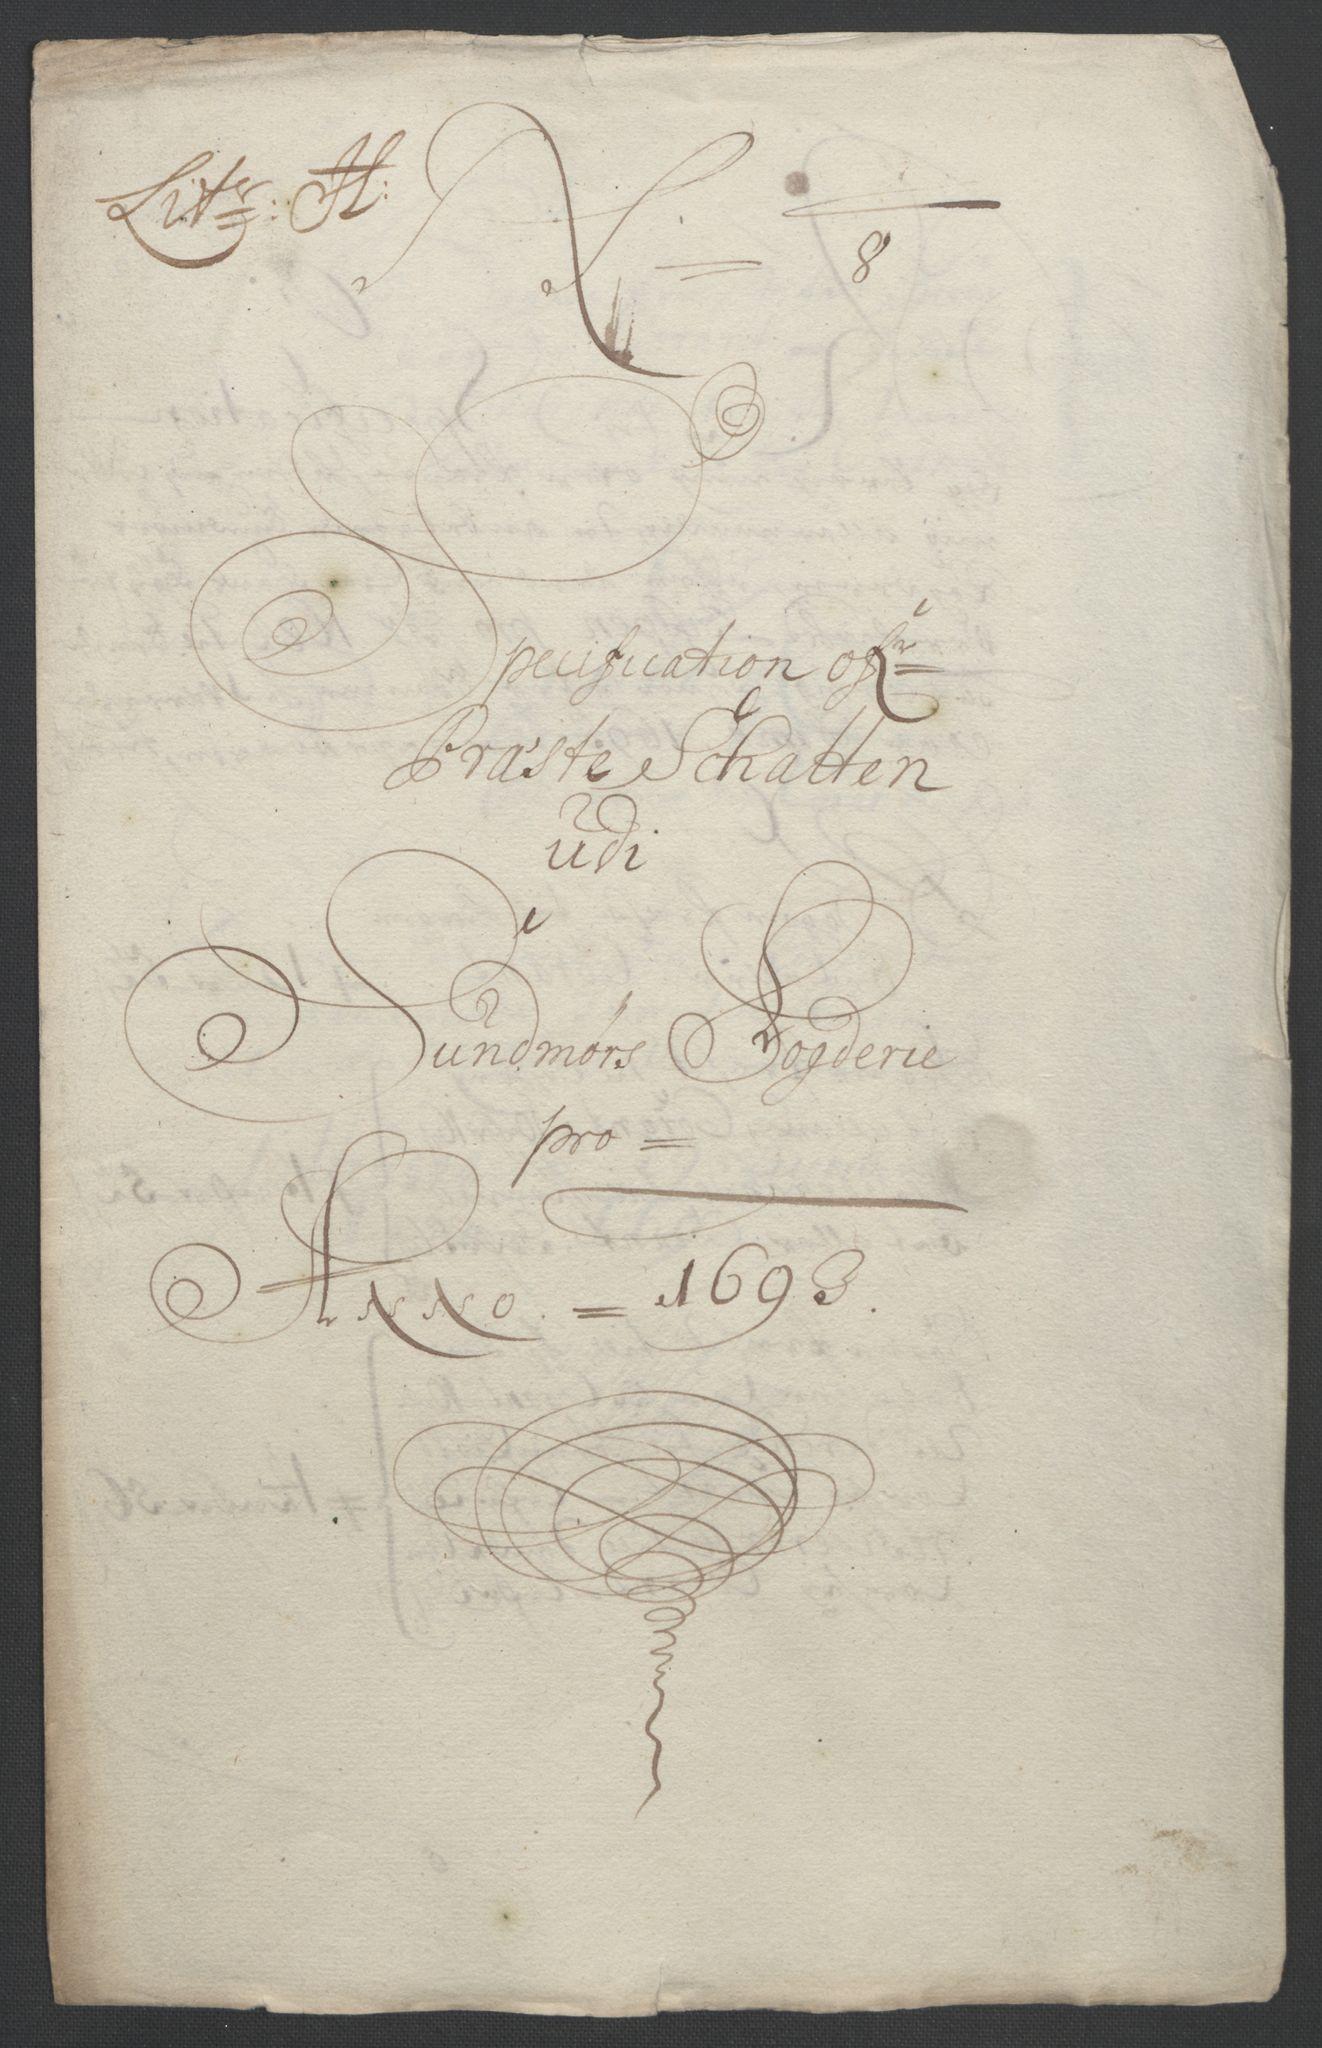 RA, Rentekammeret inntil 1814, Reviderte regnskaper, Fogderegnskap, R54/L3554: Fogderegnskap Sunnmøre, 1691-1693, s. 514